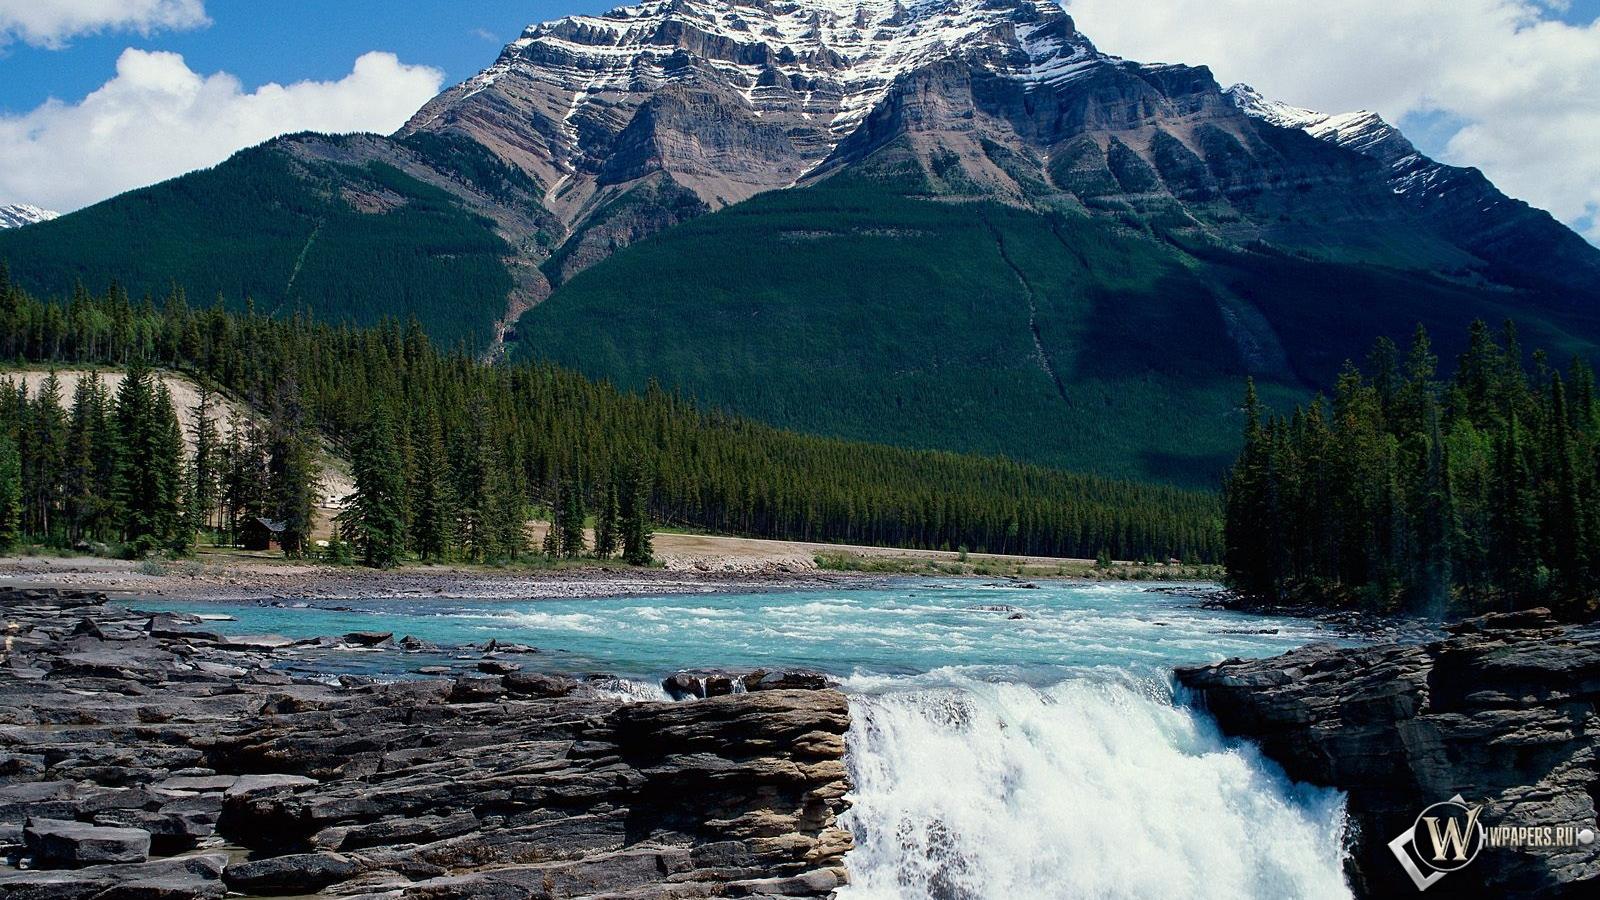 Обои водопад в горах водопад небо